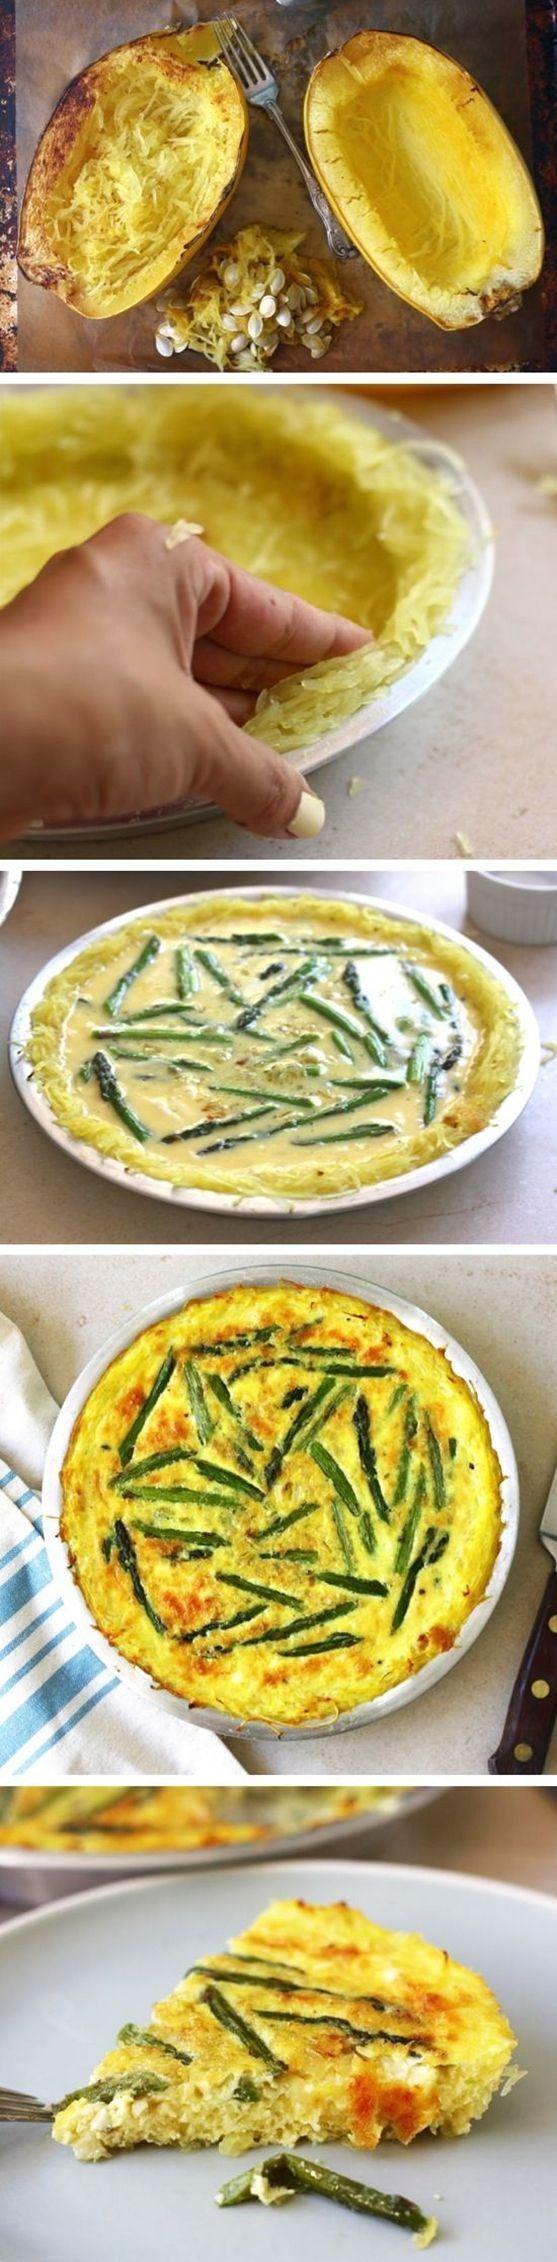 Spaghetti Squash Crust Asparagus Quiche